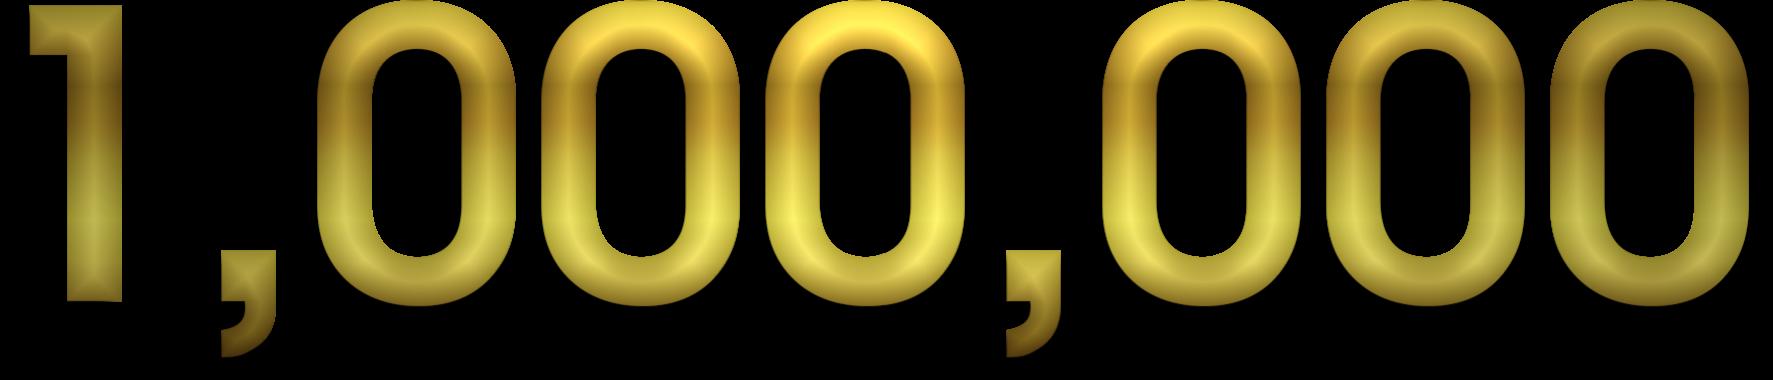 1 000 000 de visites | Etrange et Insolite